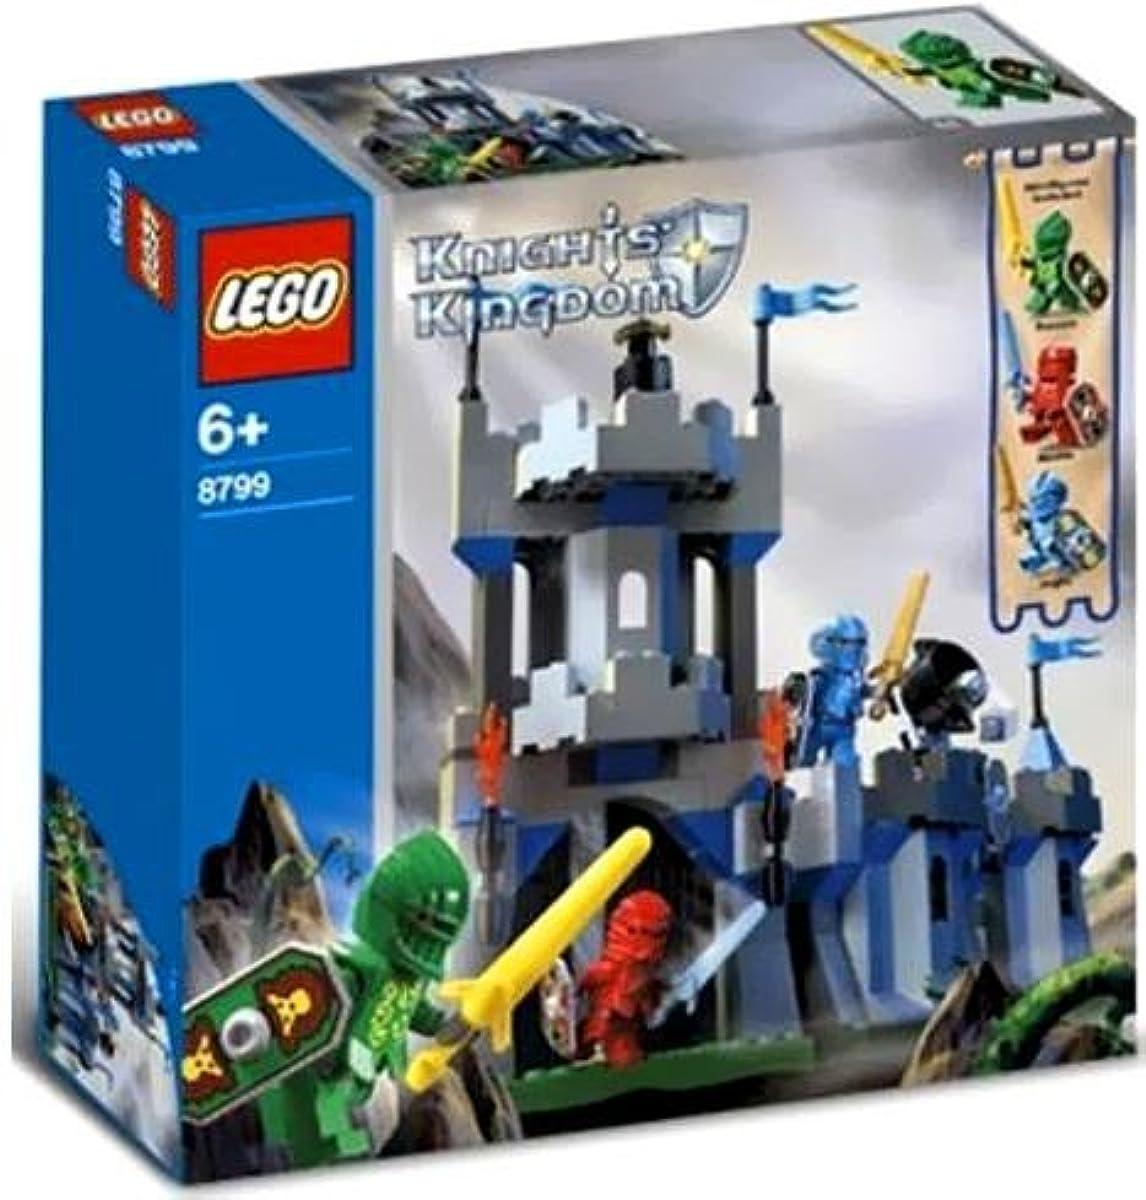 [해외] LEGO KNIGHTS' KINGDOM CASTLE WALL (8799)